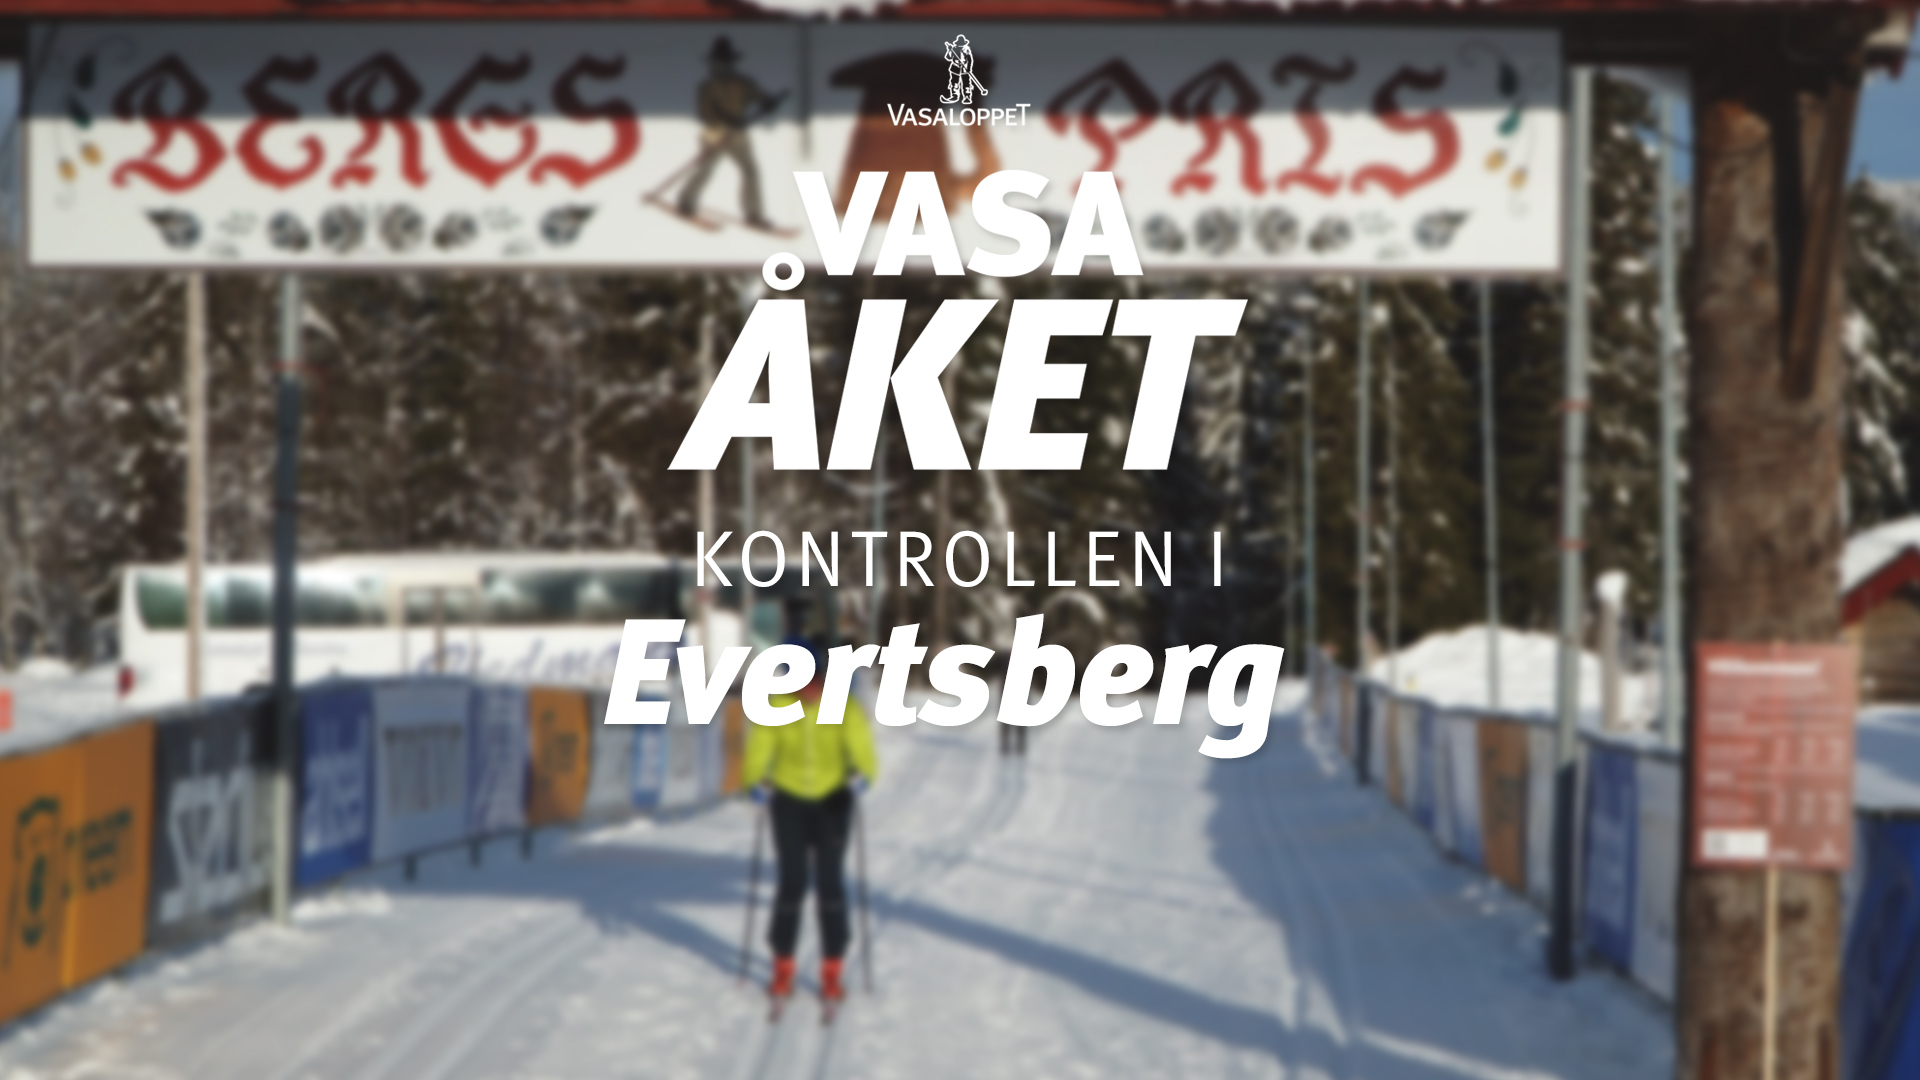 26 februari, 2021 – Evertsberg